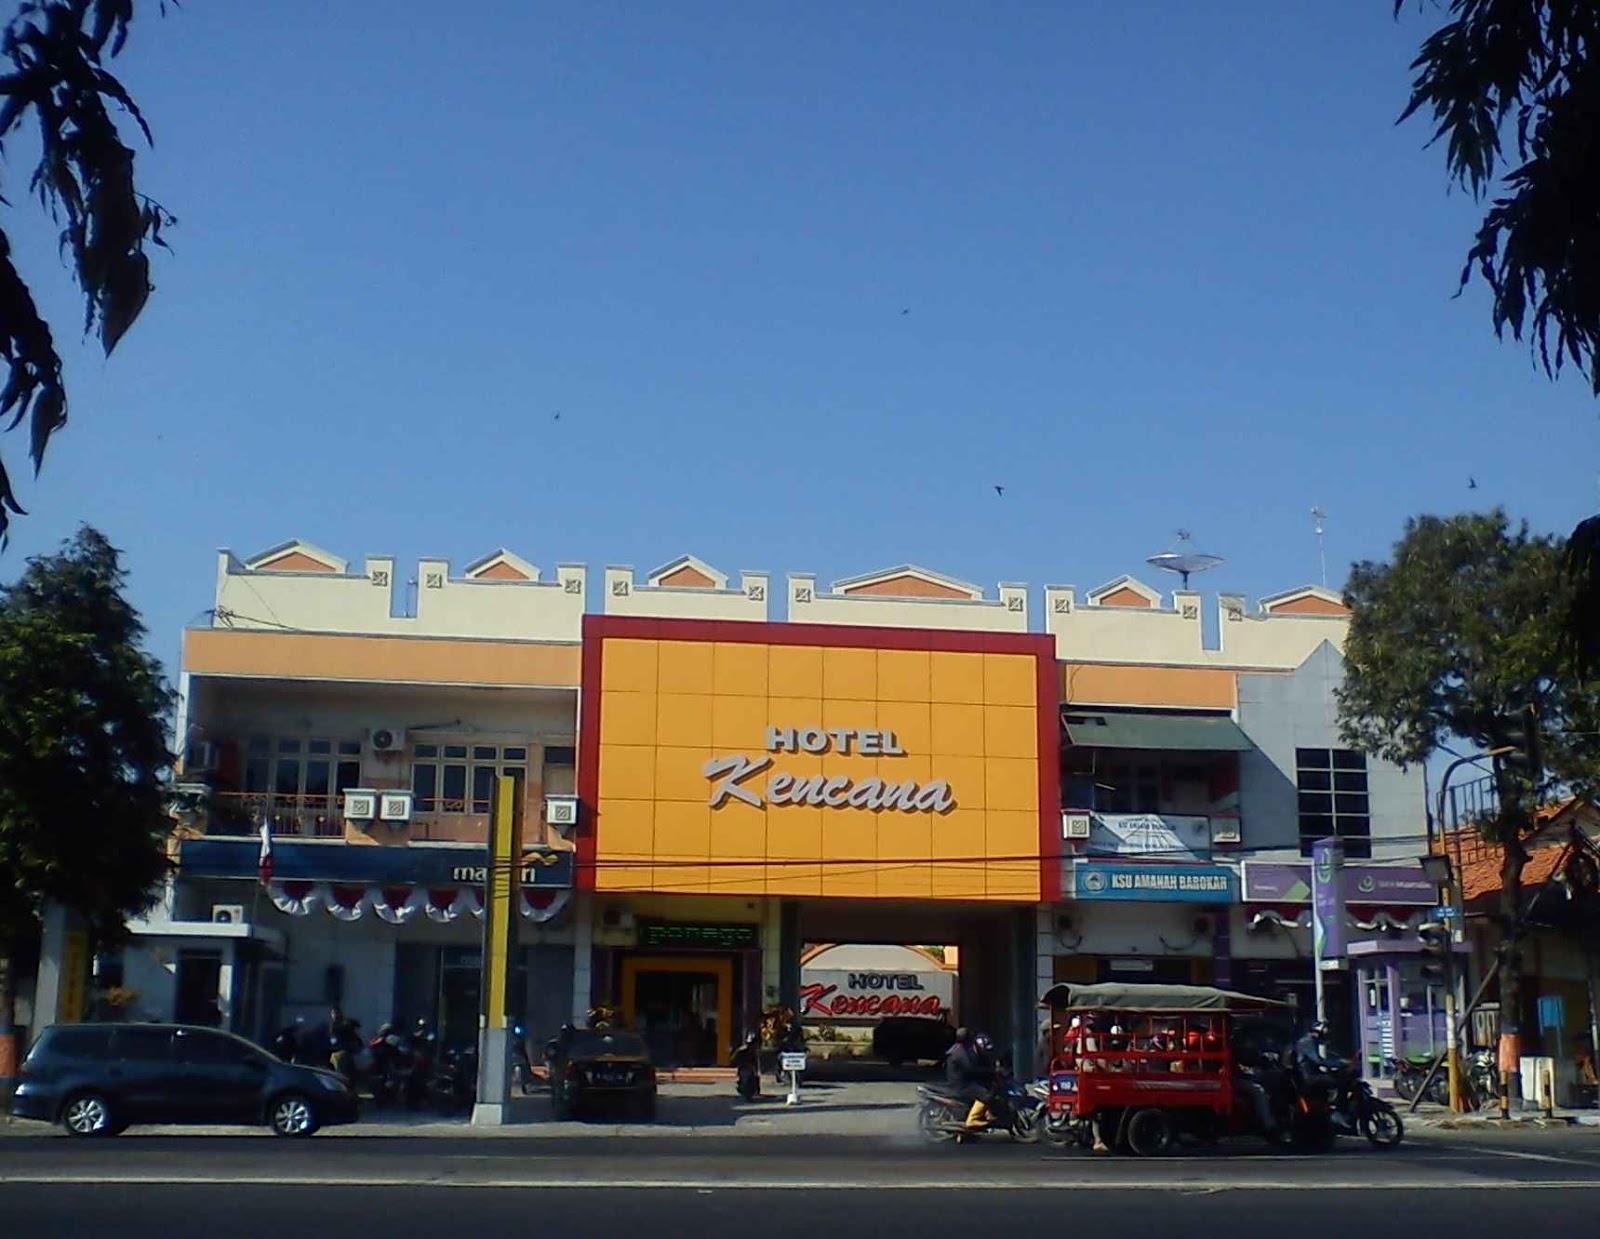 Gambar hotel kecana yang ada di Rembang